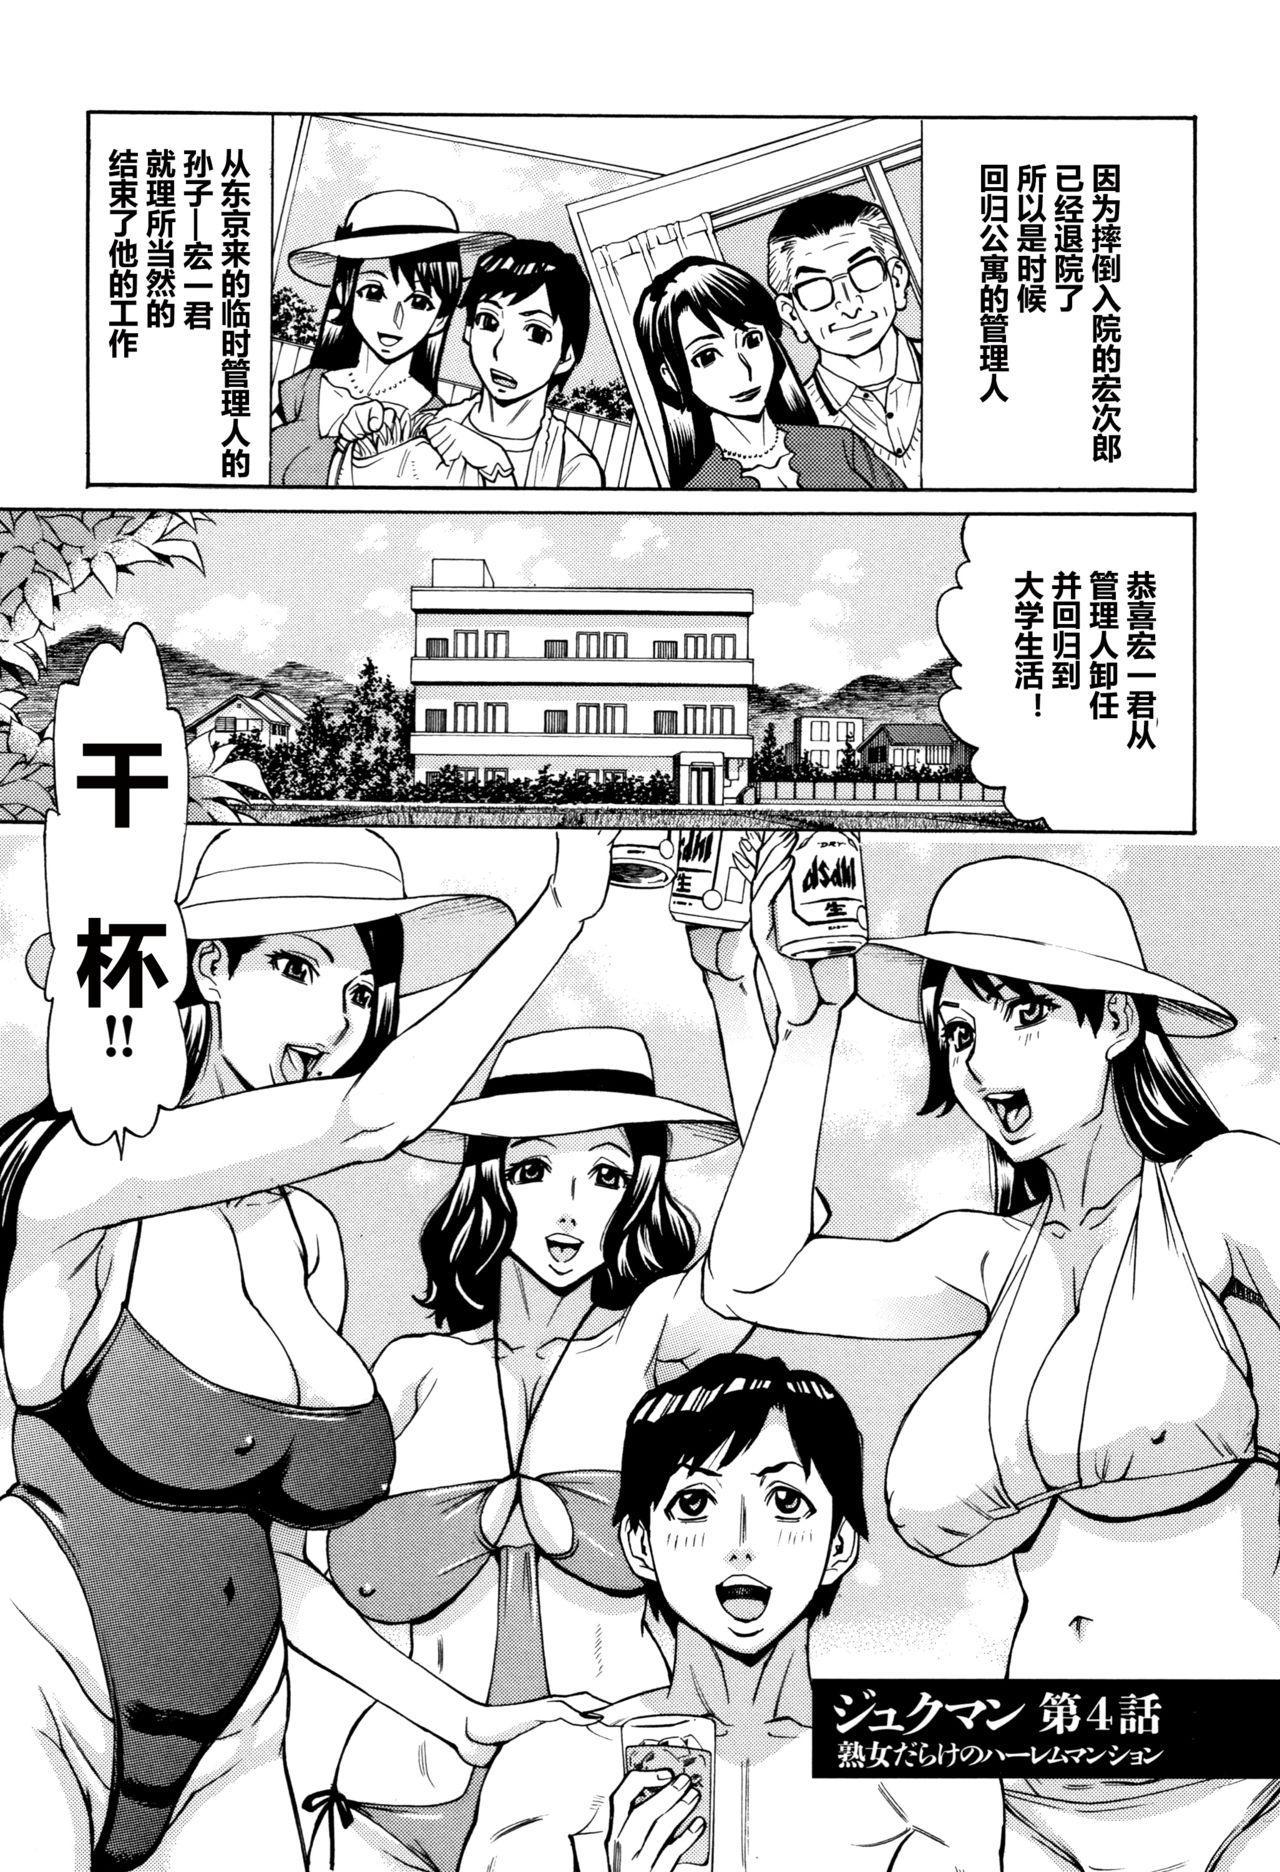 Oba-san dakedo, Daite Hoshii. 71